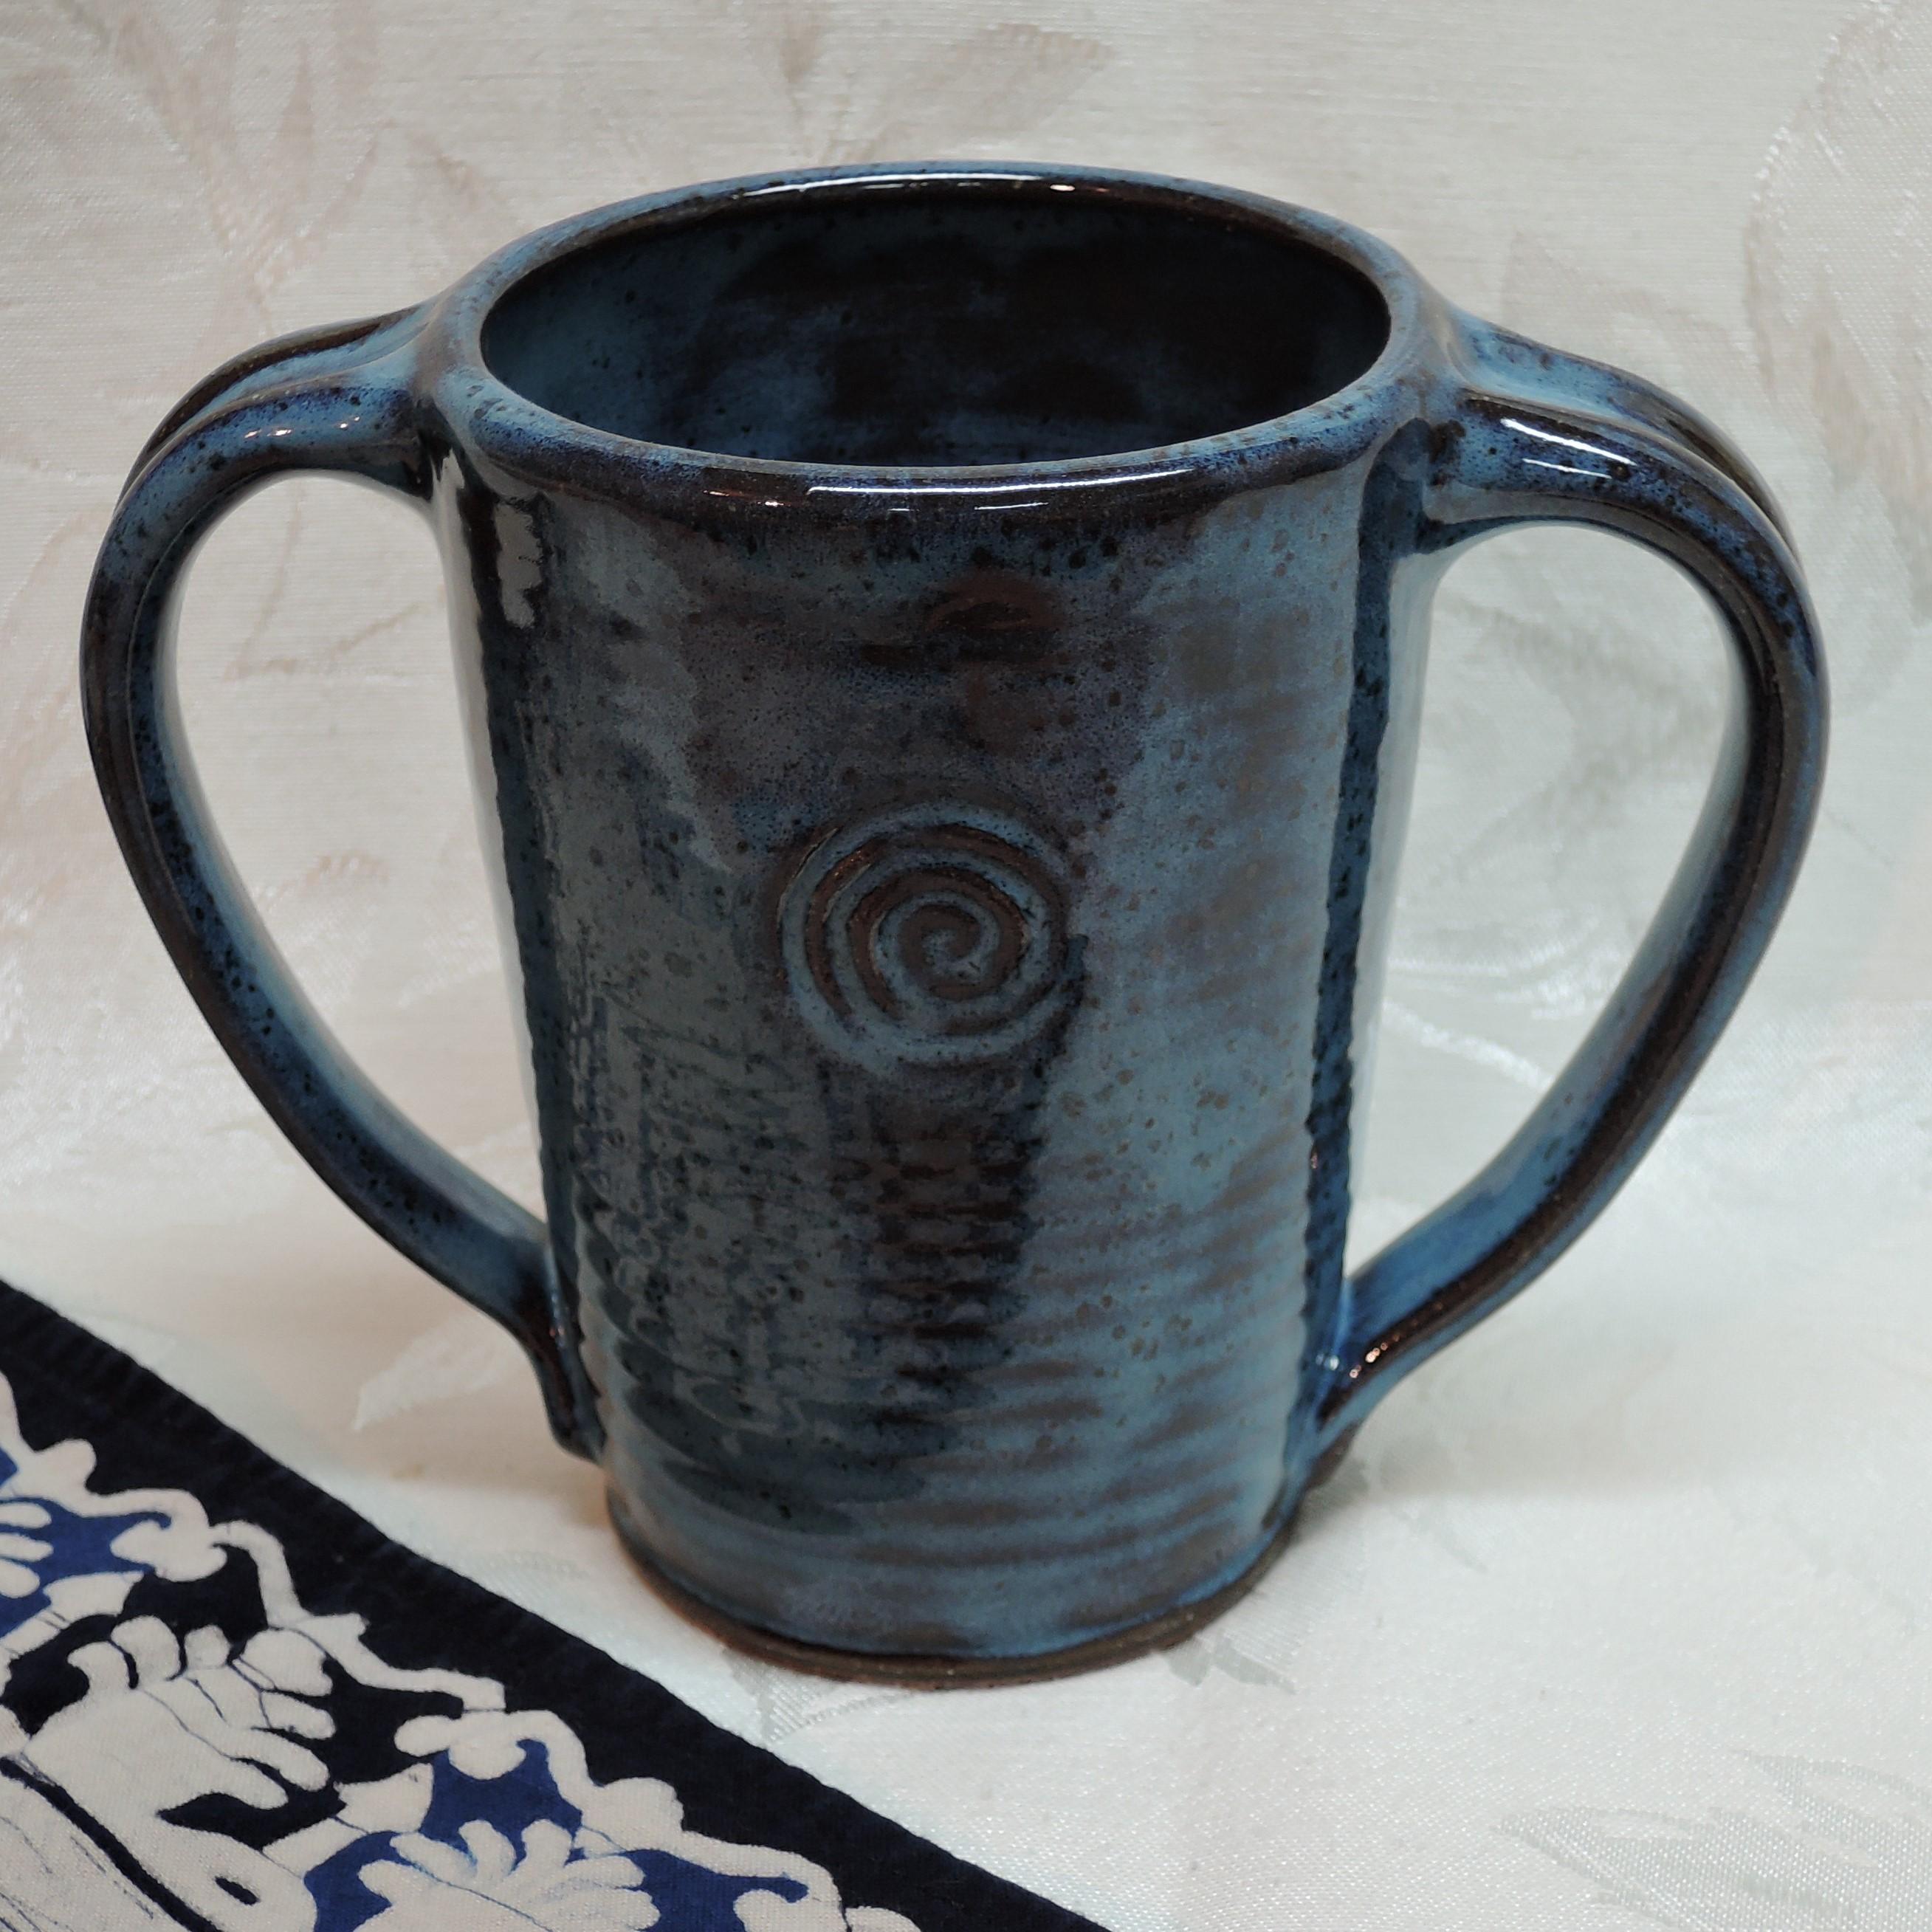 2 hndl mug